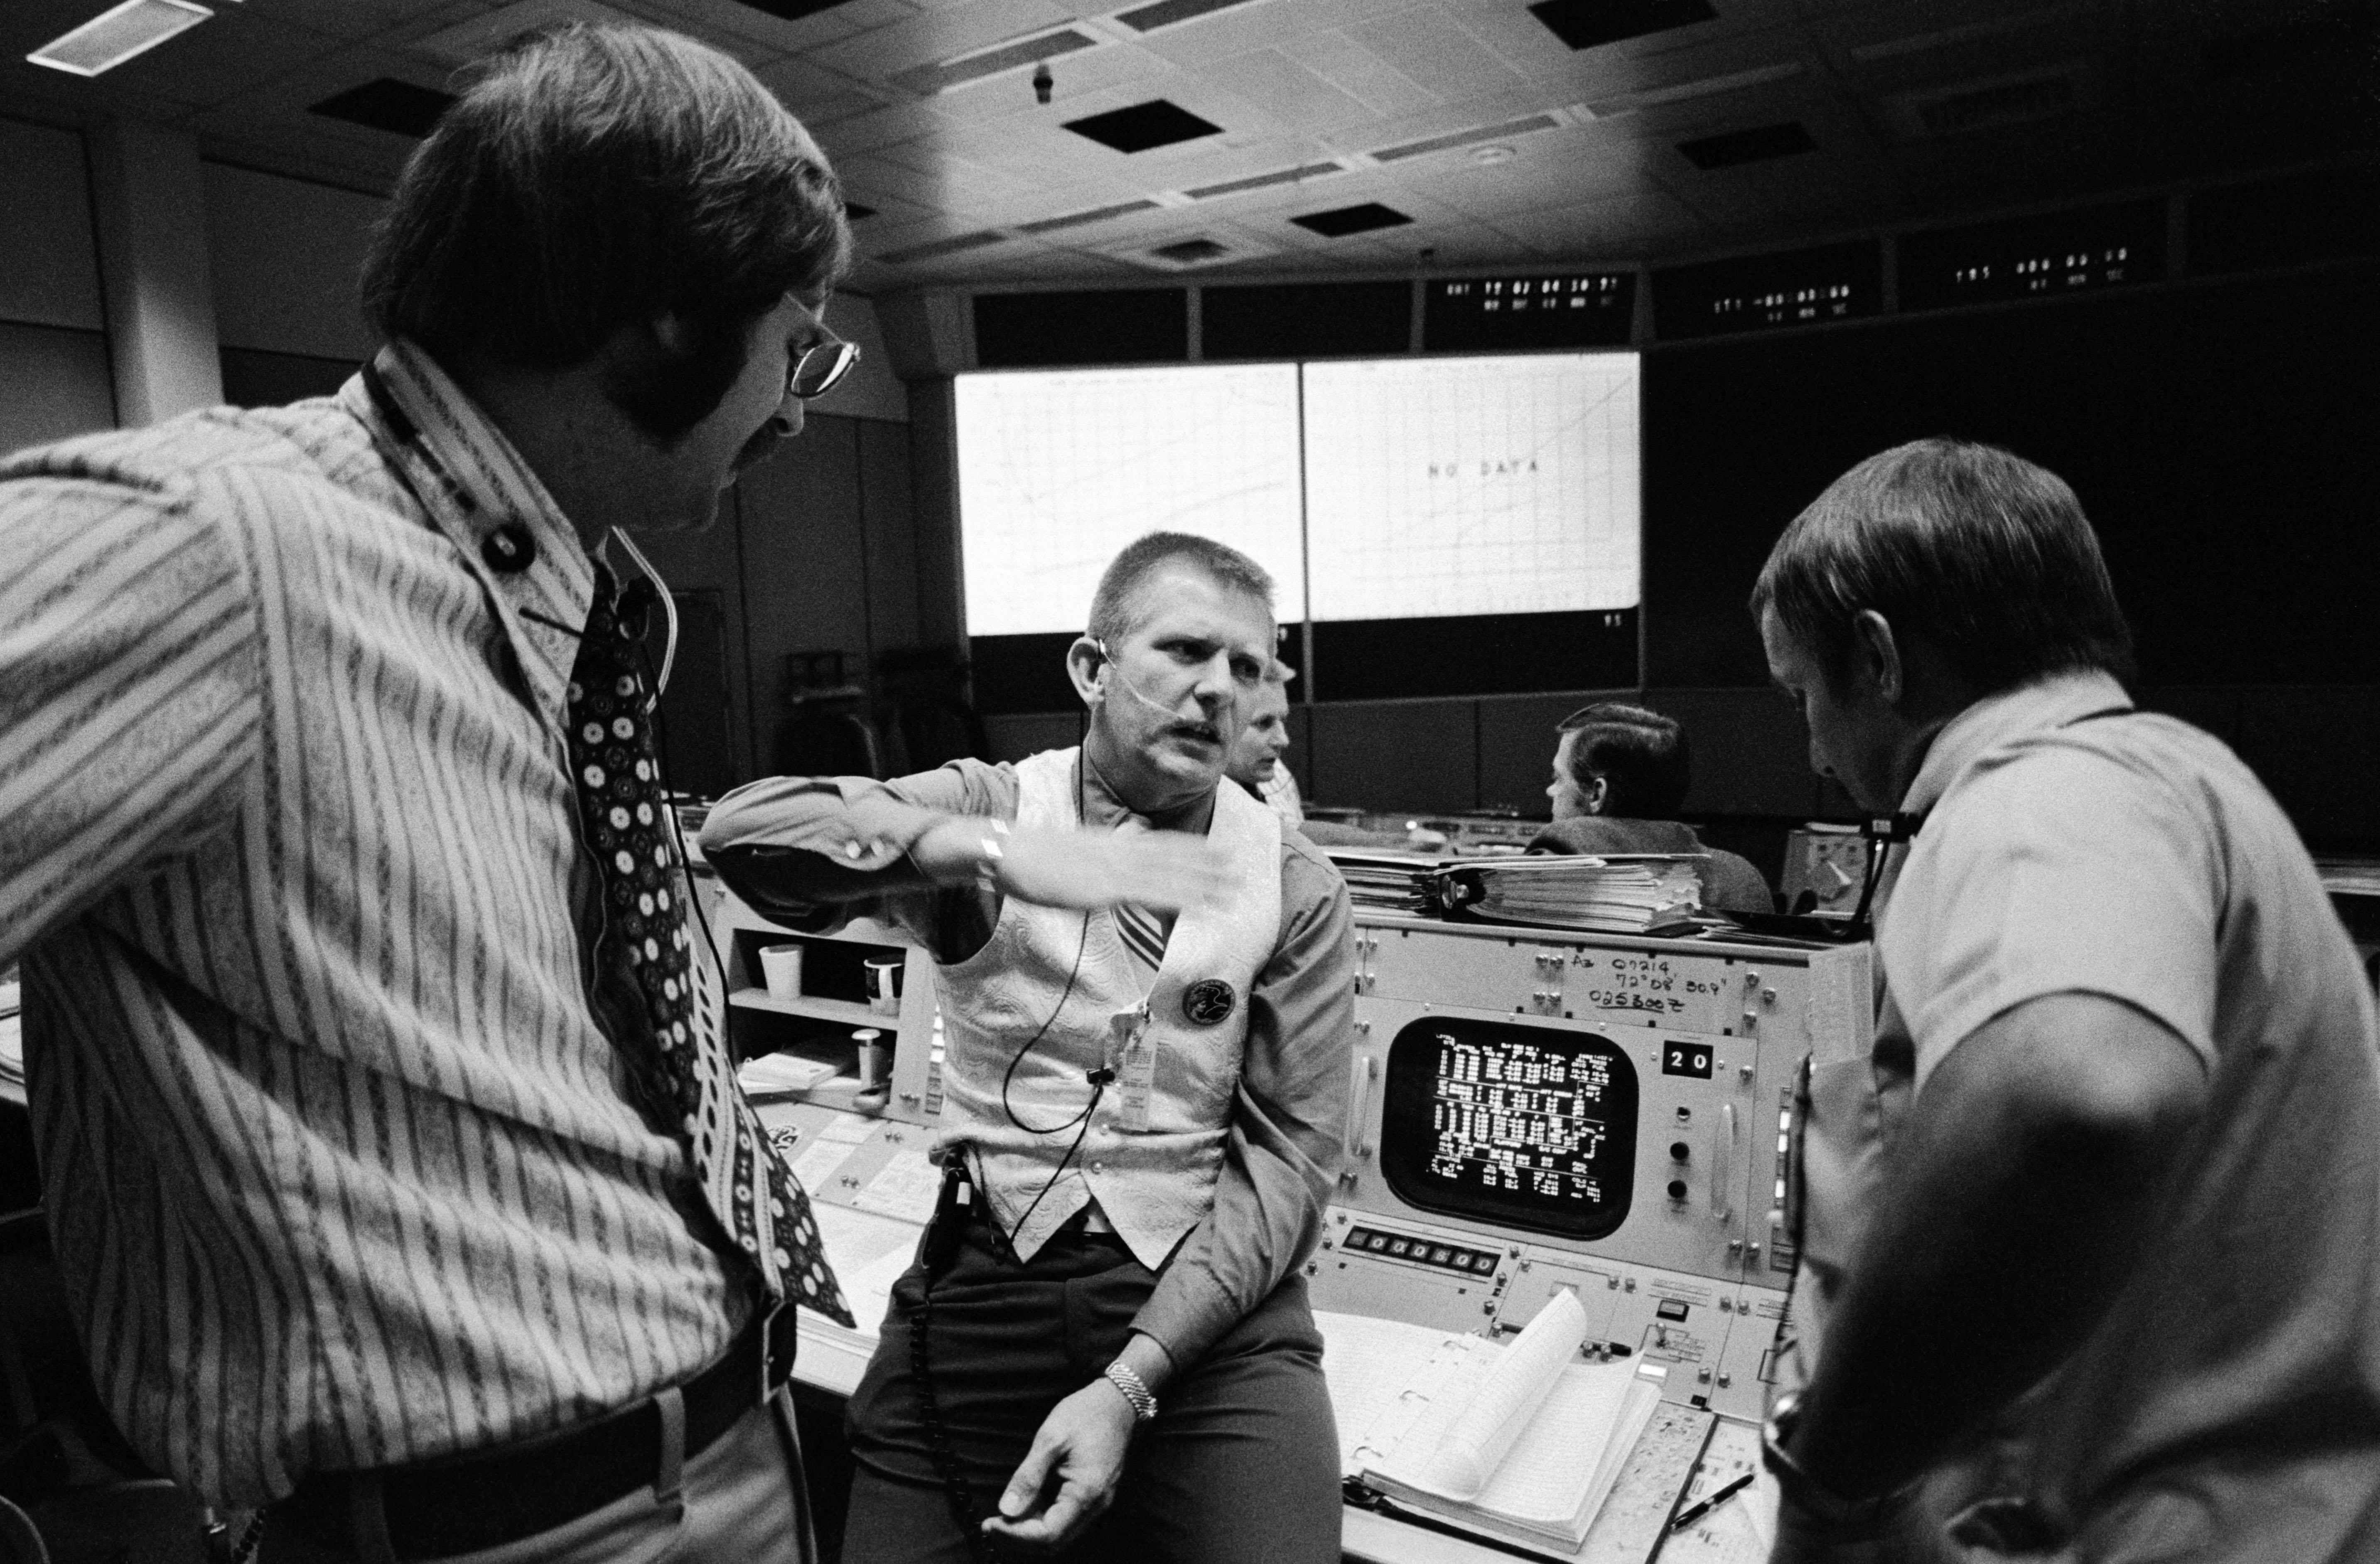 1970s NASA Apollo 13 Mission - Pics about space